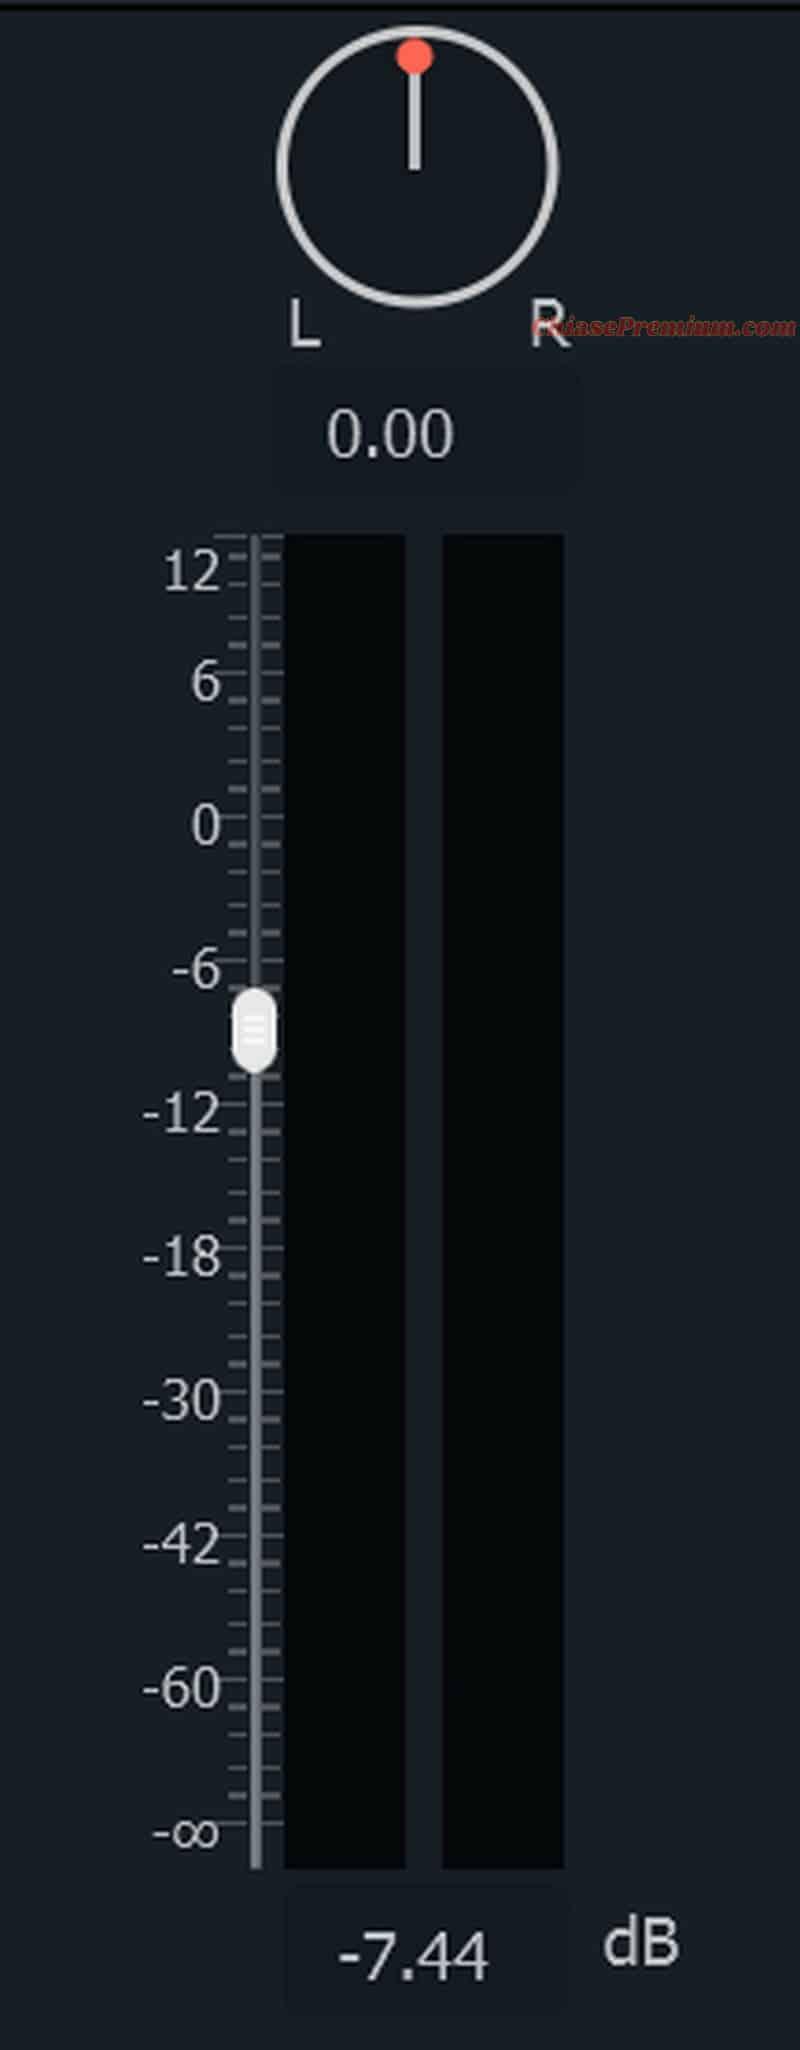 Điều chỉnh âm lượng với thước âm lượng